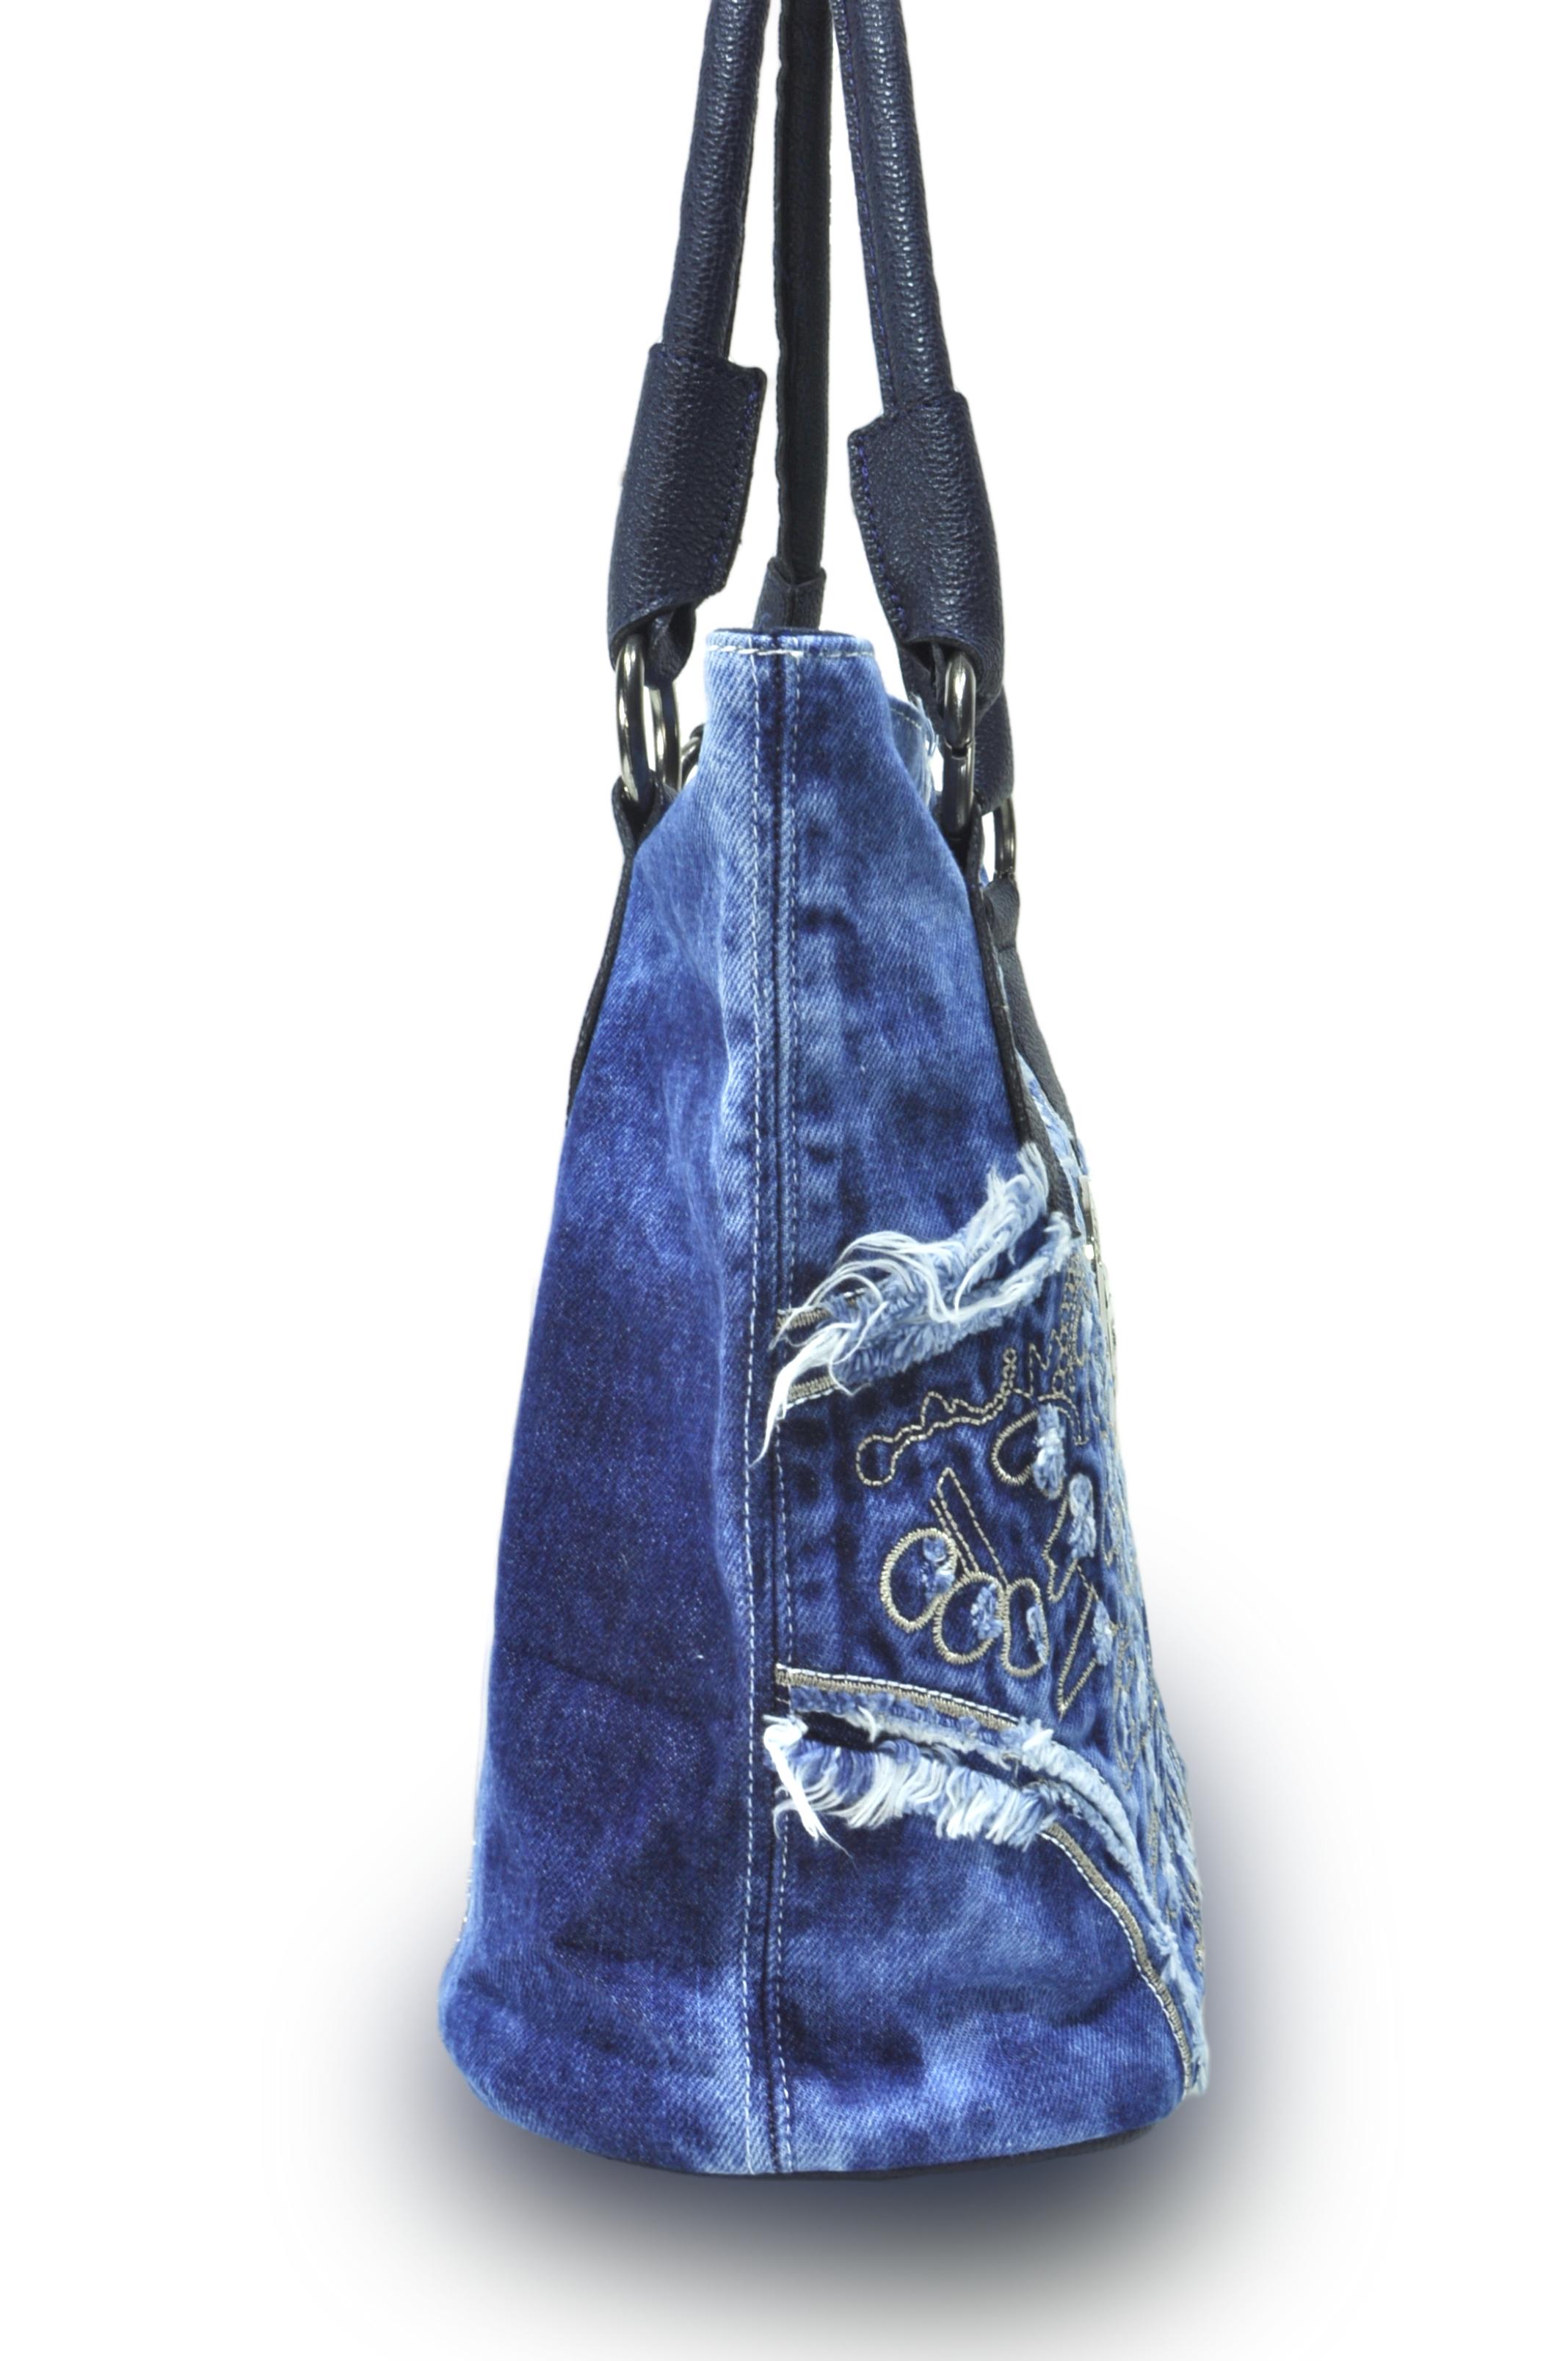 Luxusní riflová kabelka MUENTES. Luxusní riflová kabelka MUENTES 63f21c8abf3